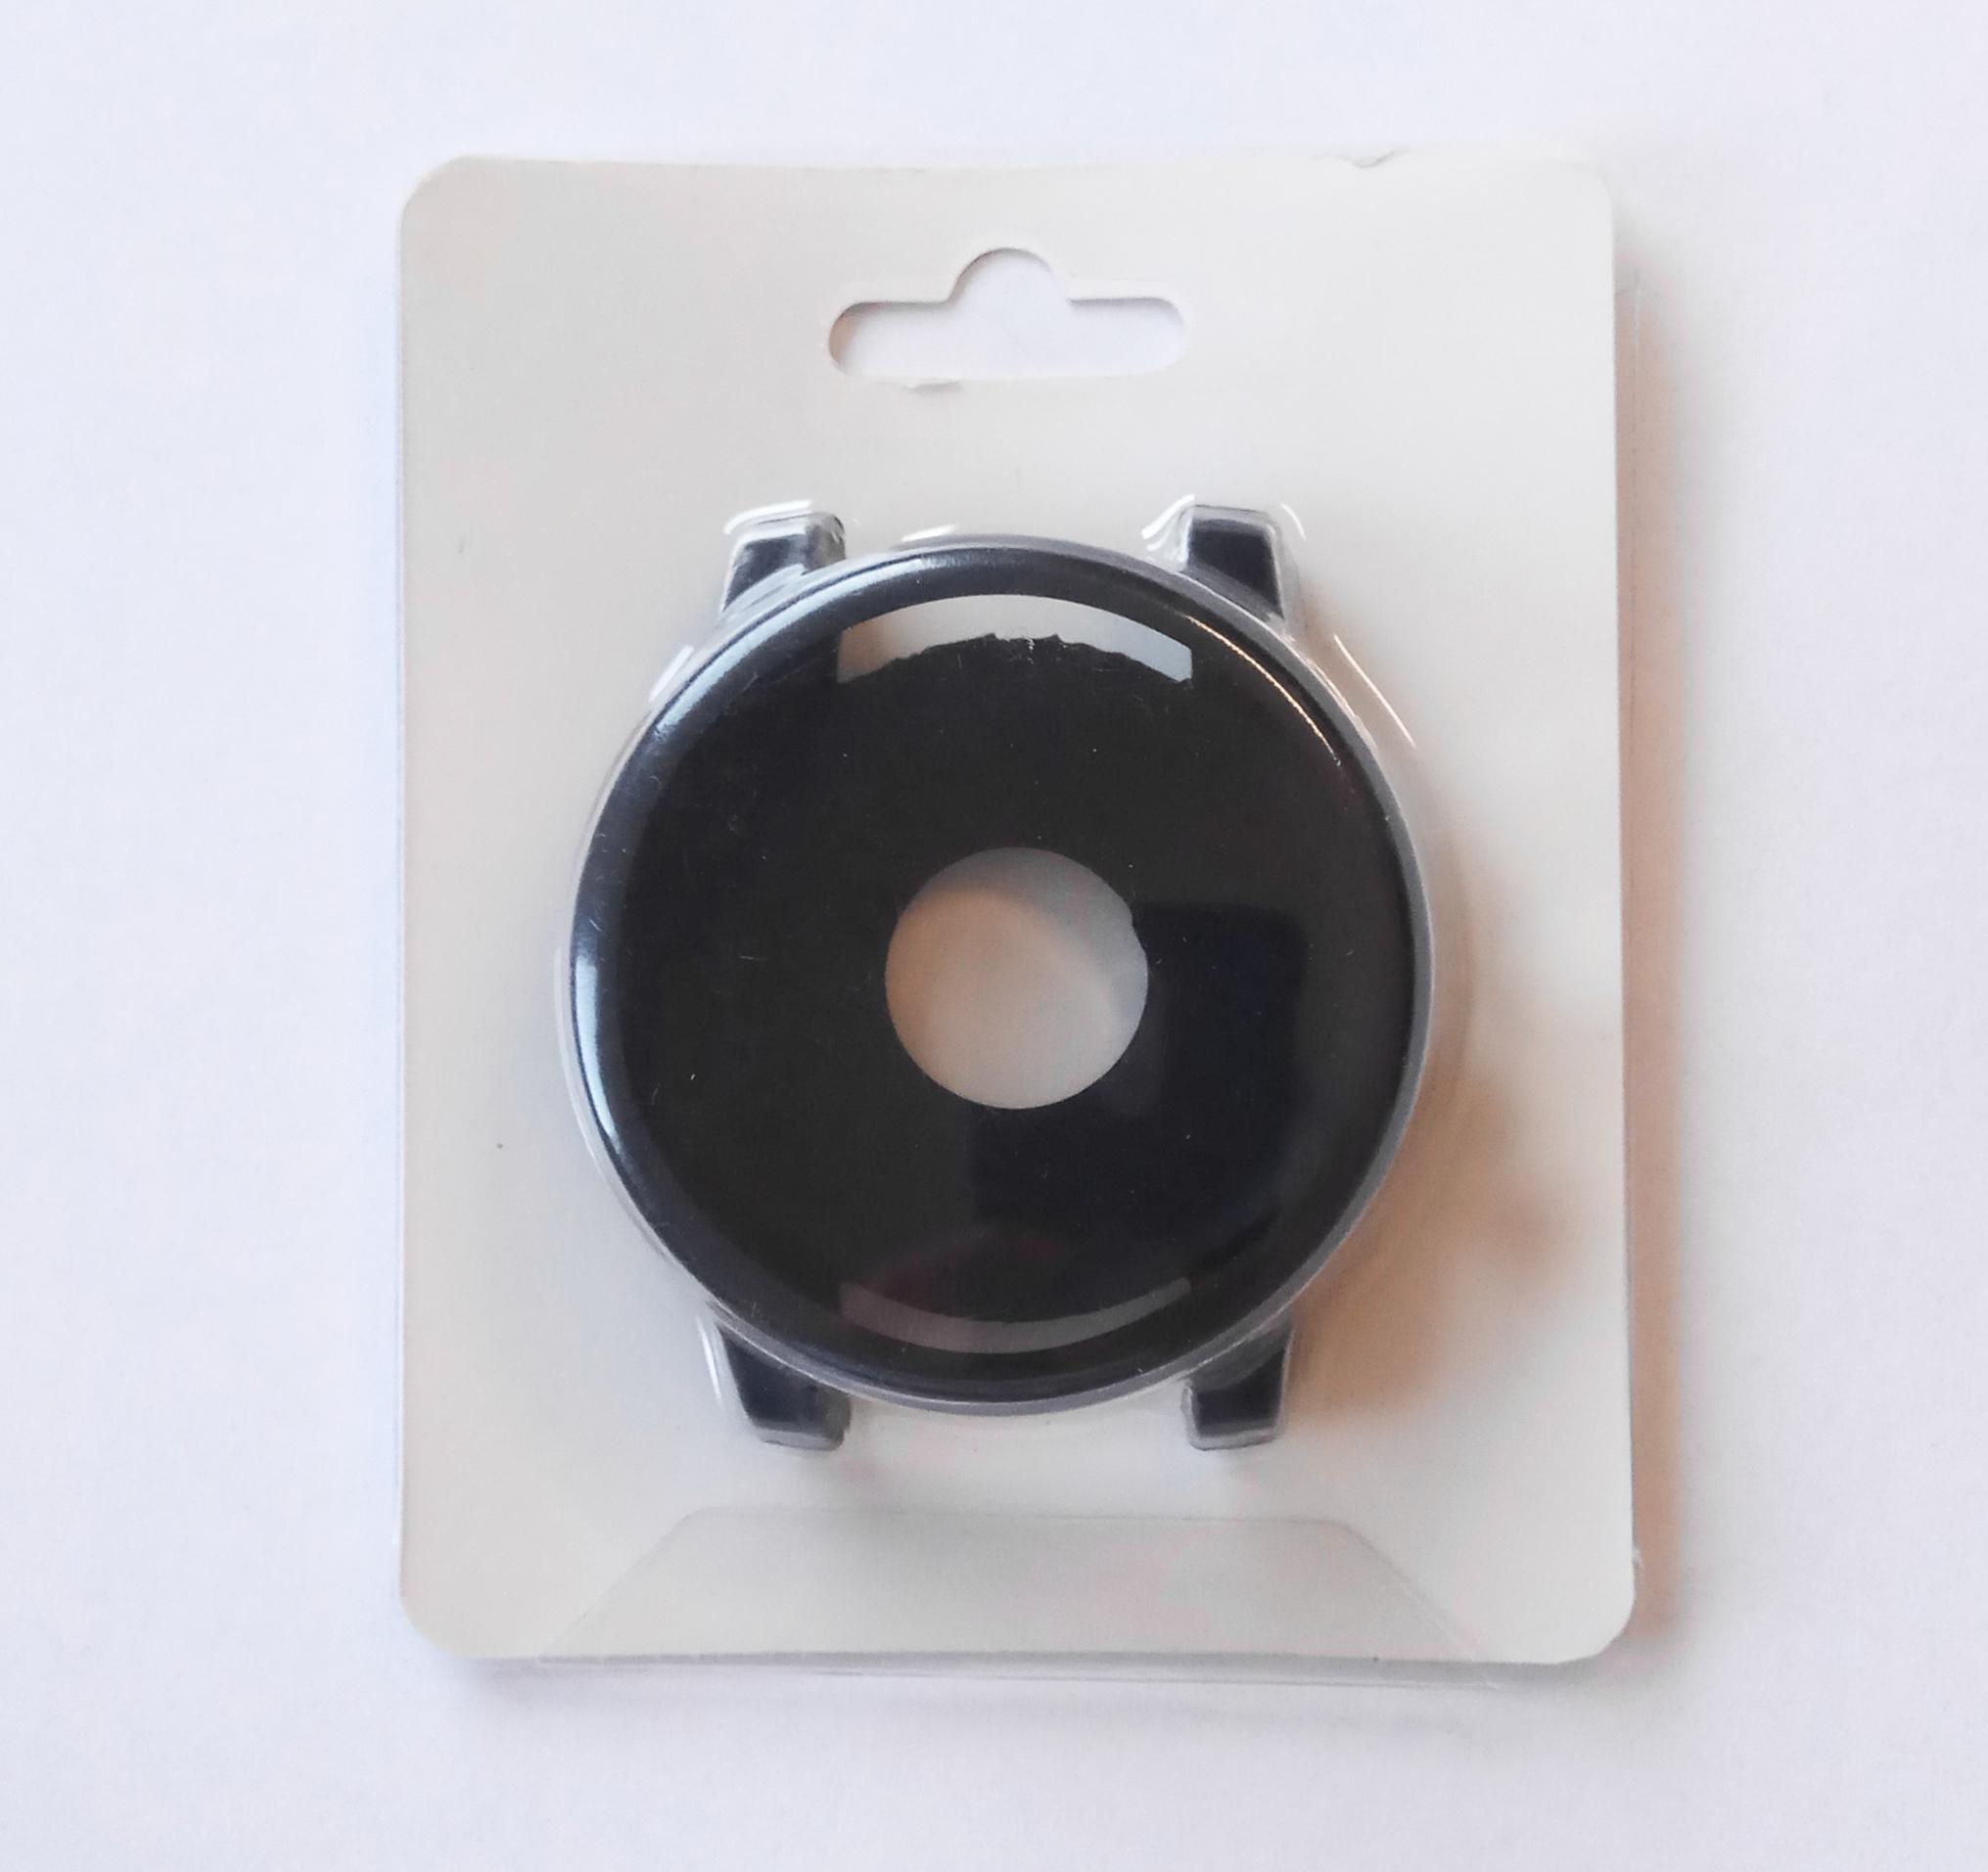 Amazfit Stratos szilikon védőtok (Tamister) - fekete